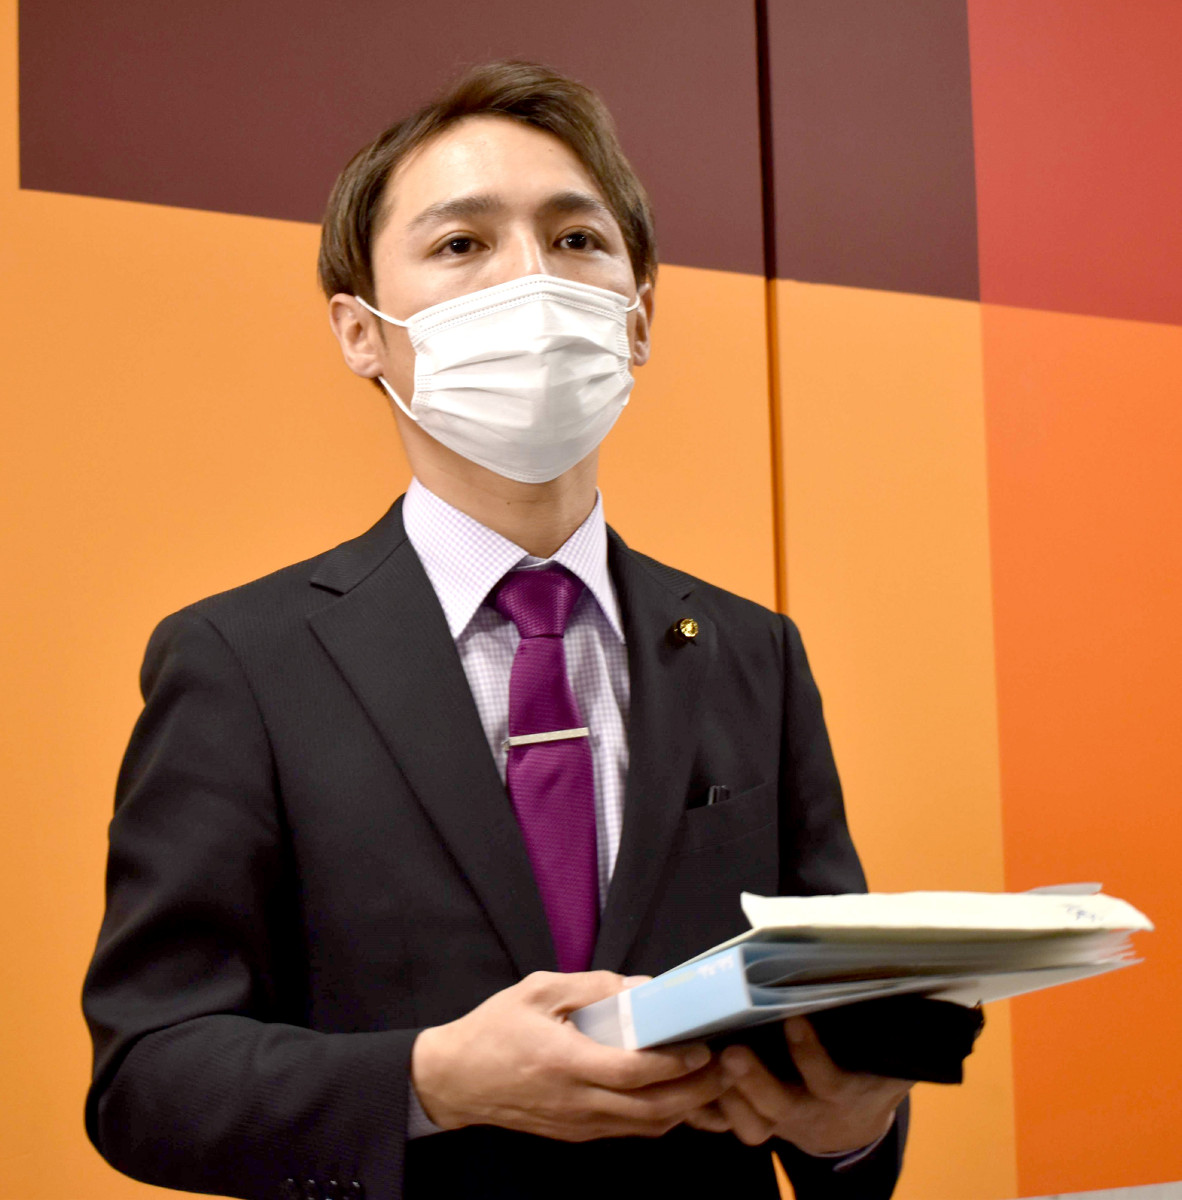 ツイッター 君 スーパー クレイジー スーパークレイジー君・戸田市議 議員報酬の明細書を大公開!